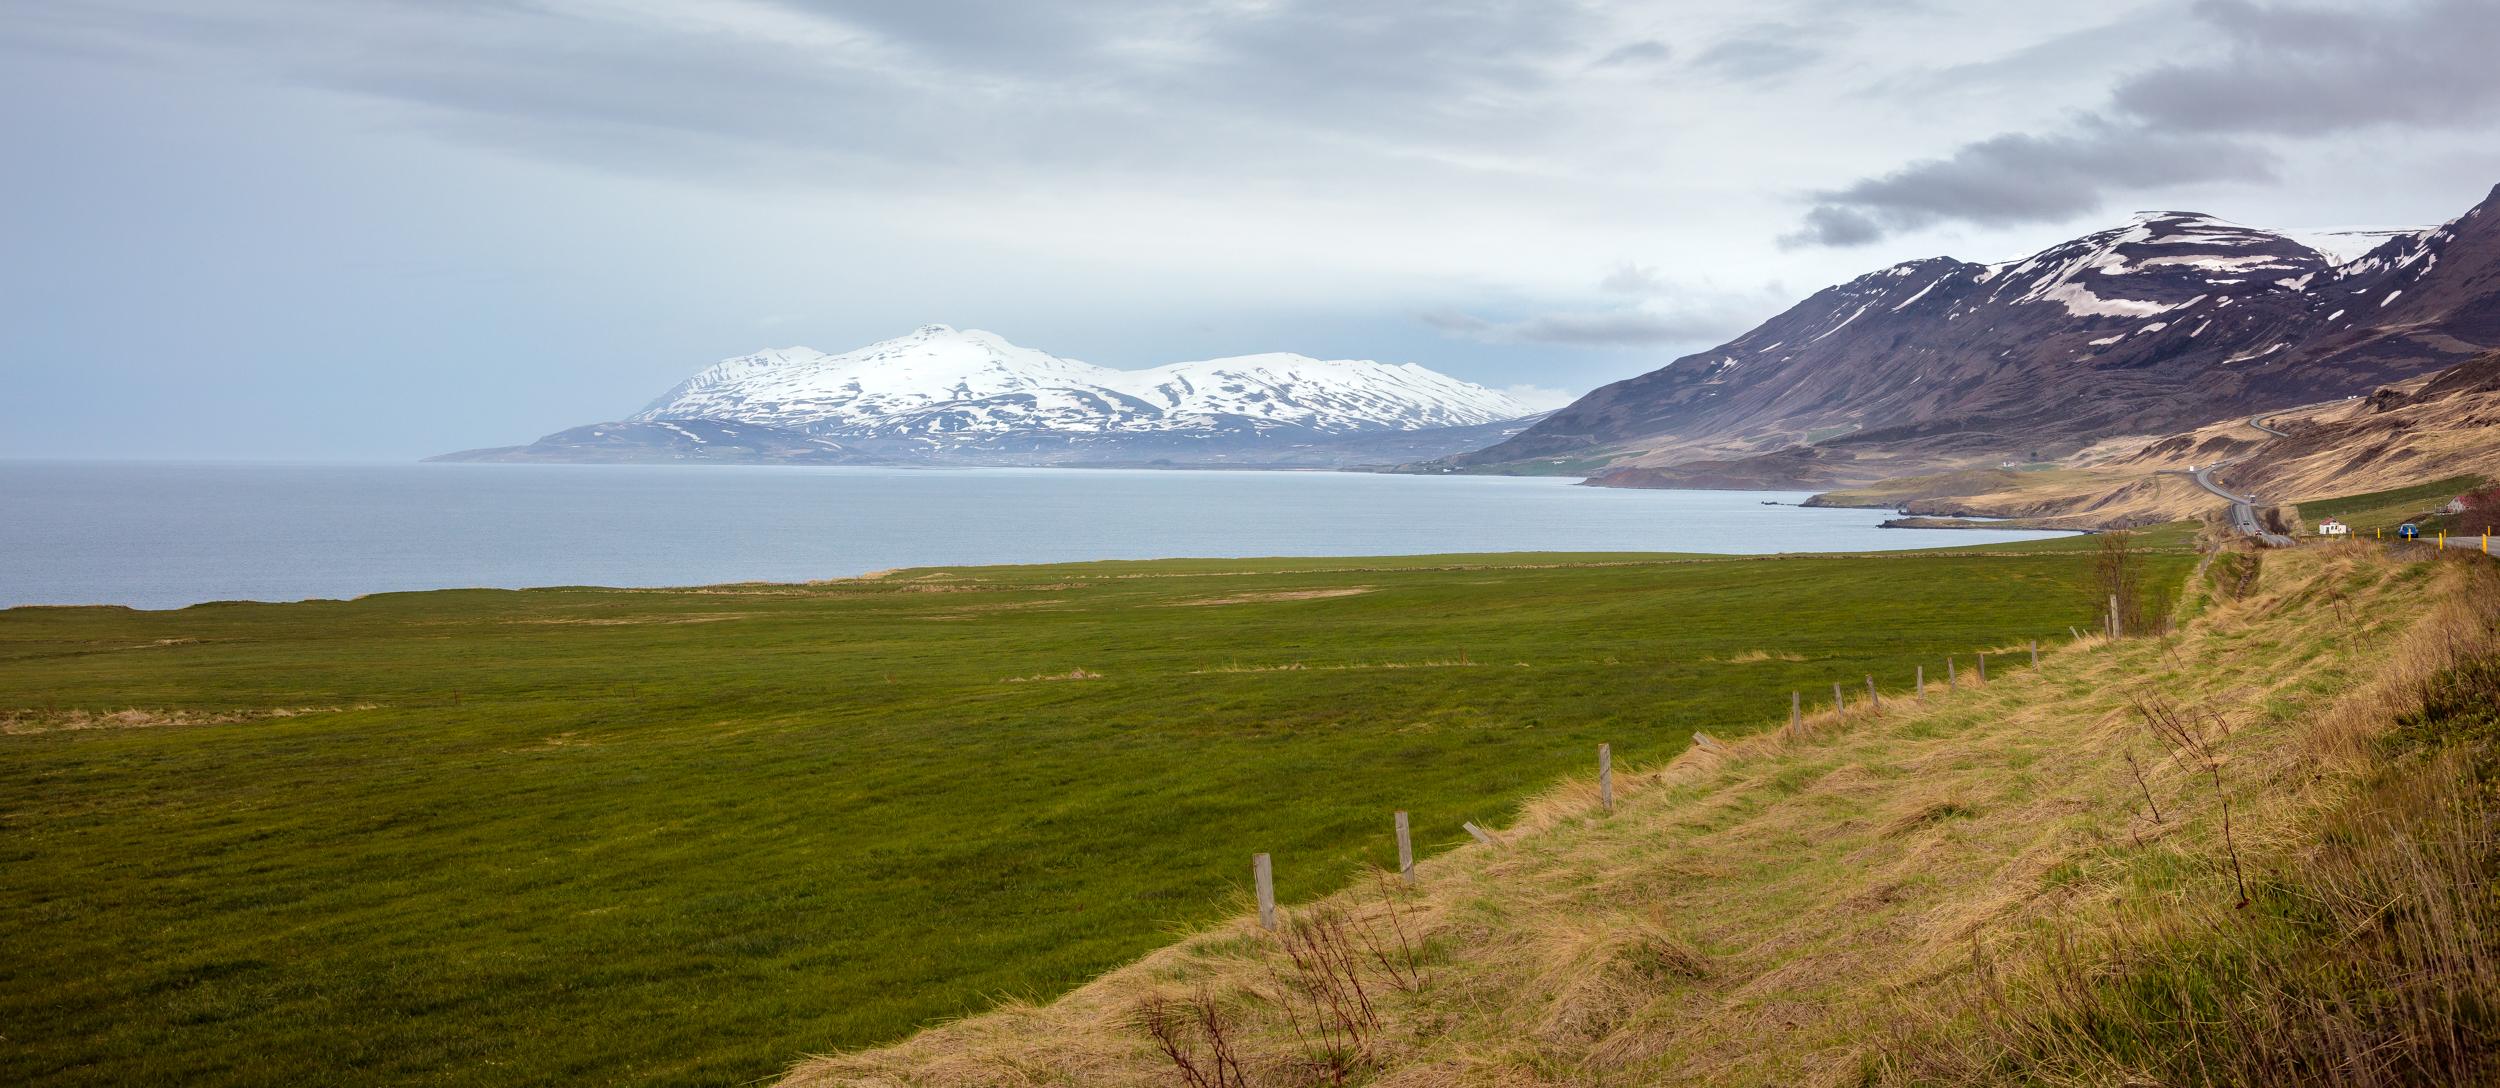 Eyjafjordur pull-off